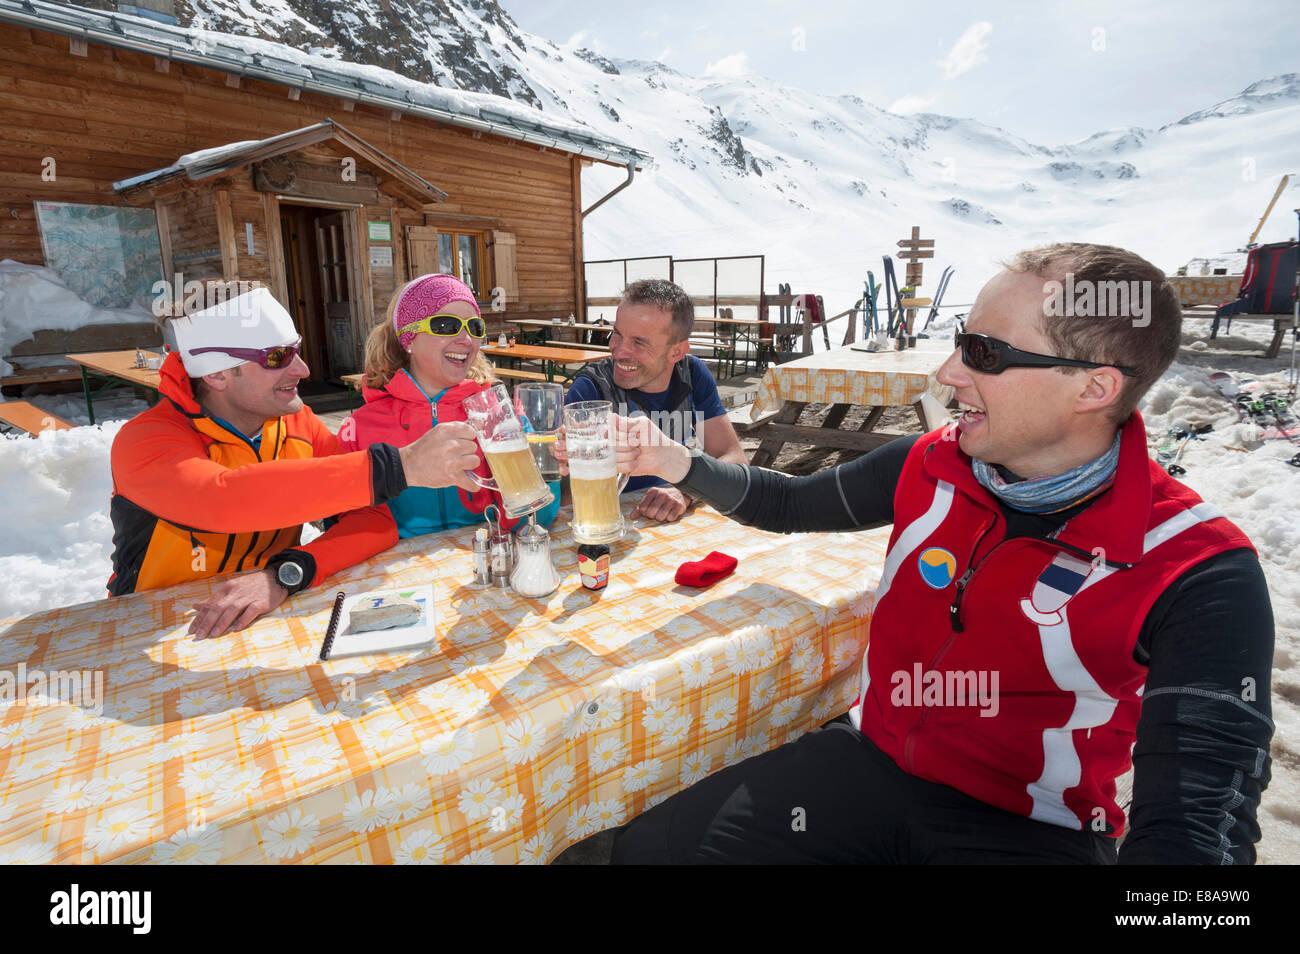 Les skieurs du groupe déjeuner cabine bière hiver neige Photo Stock